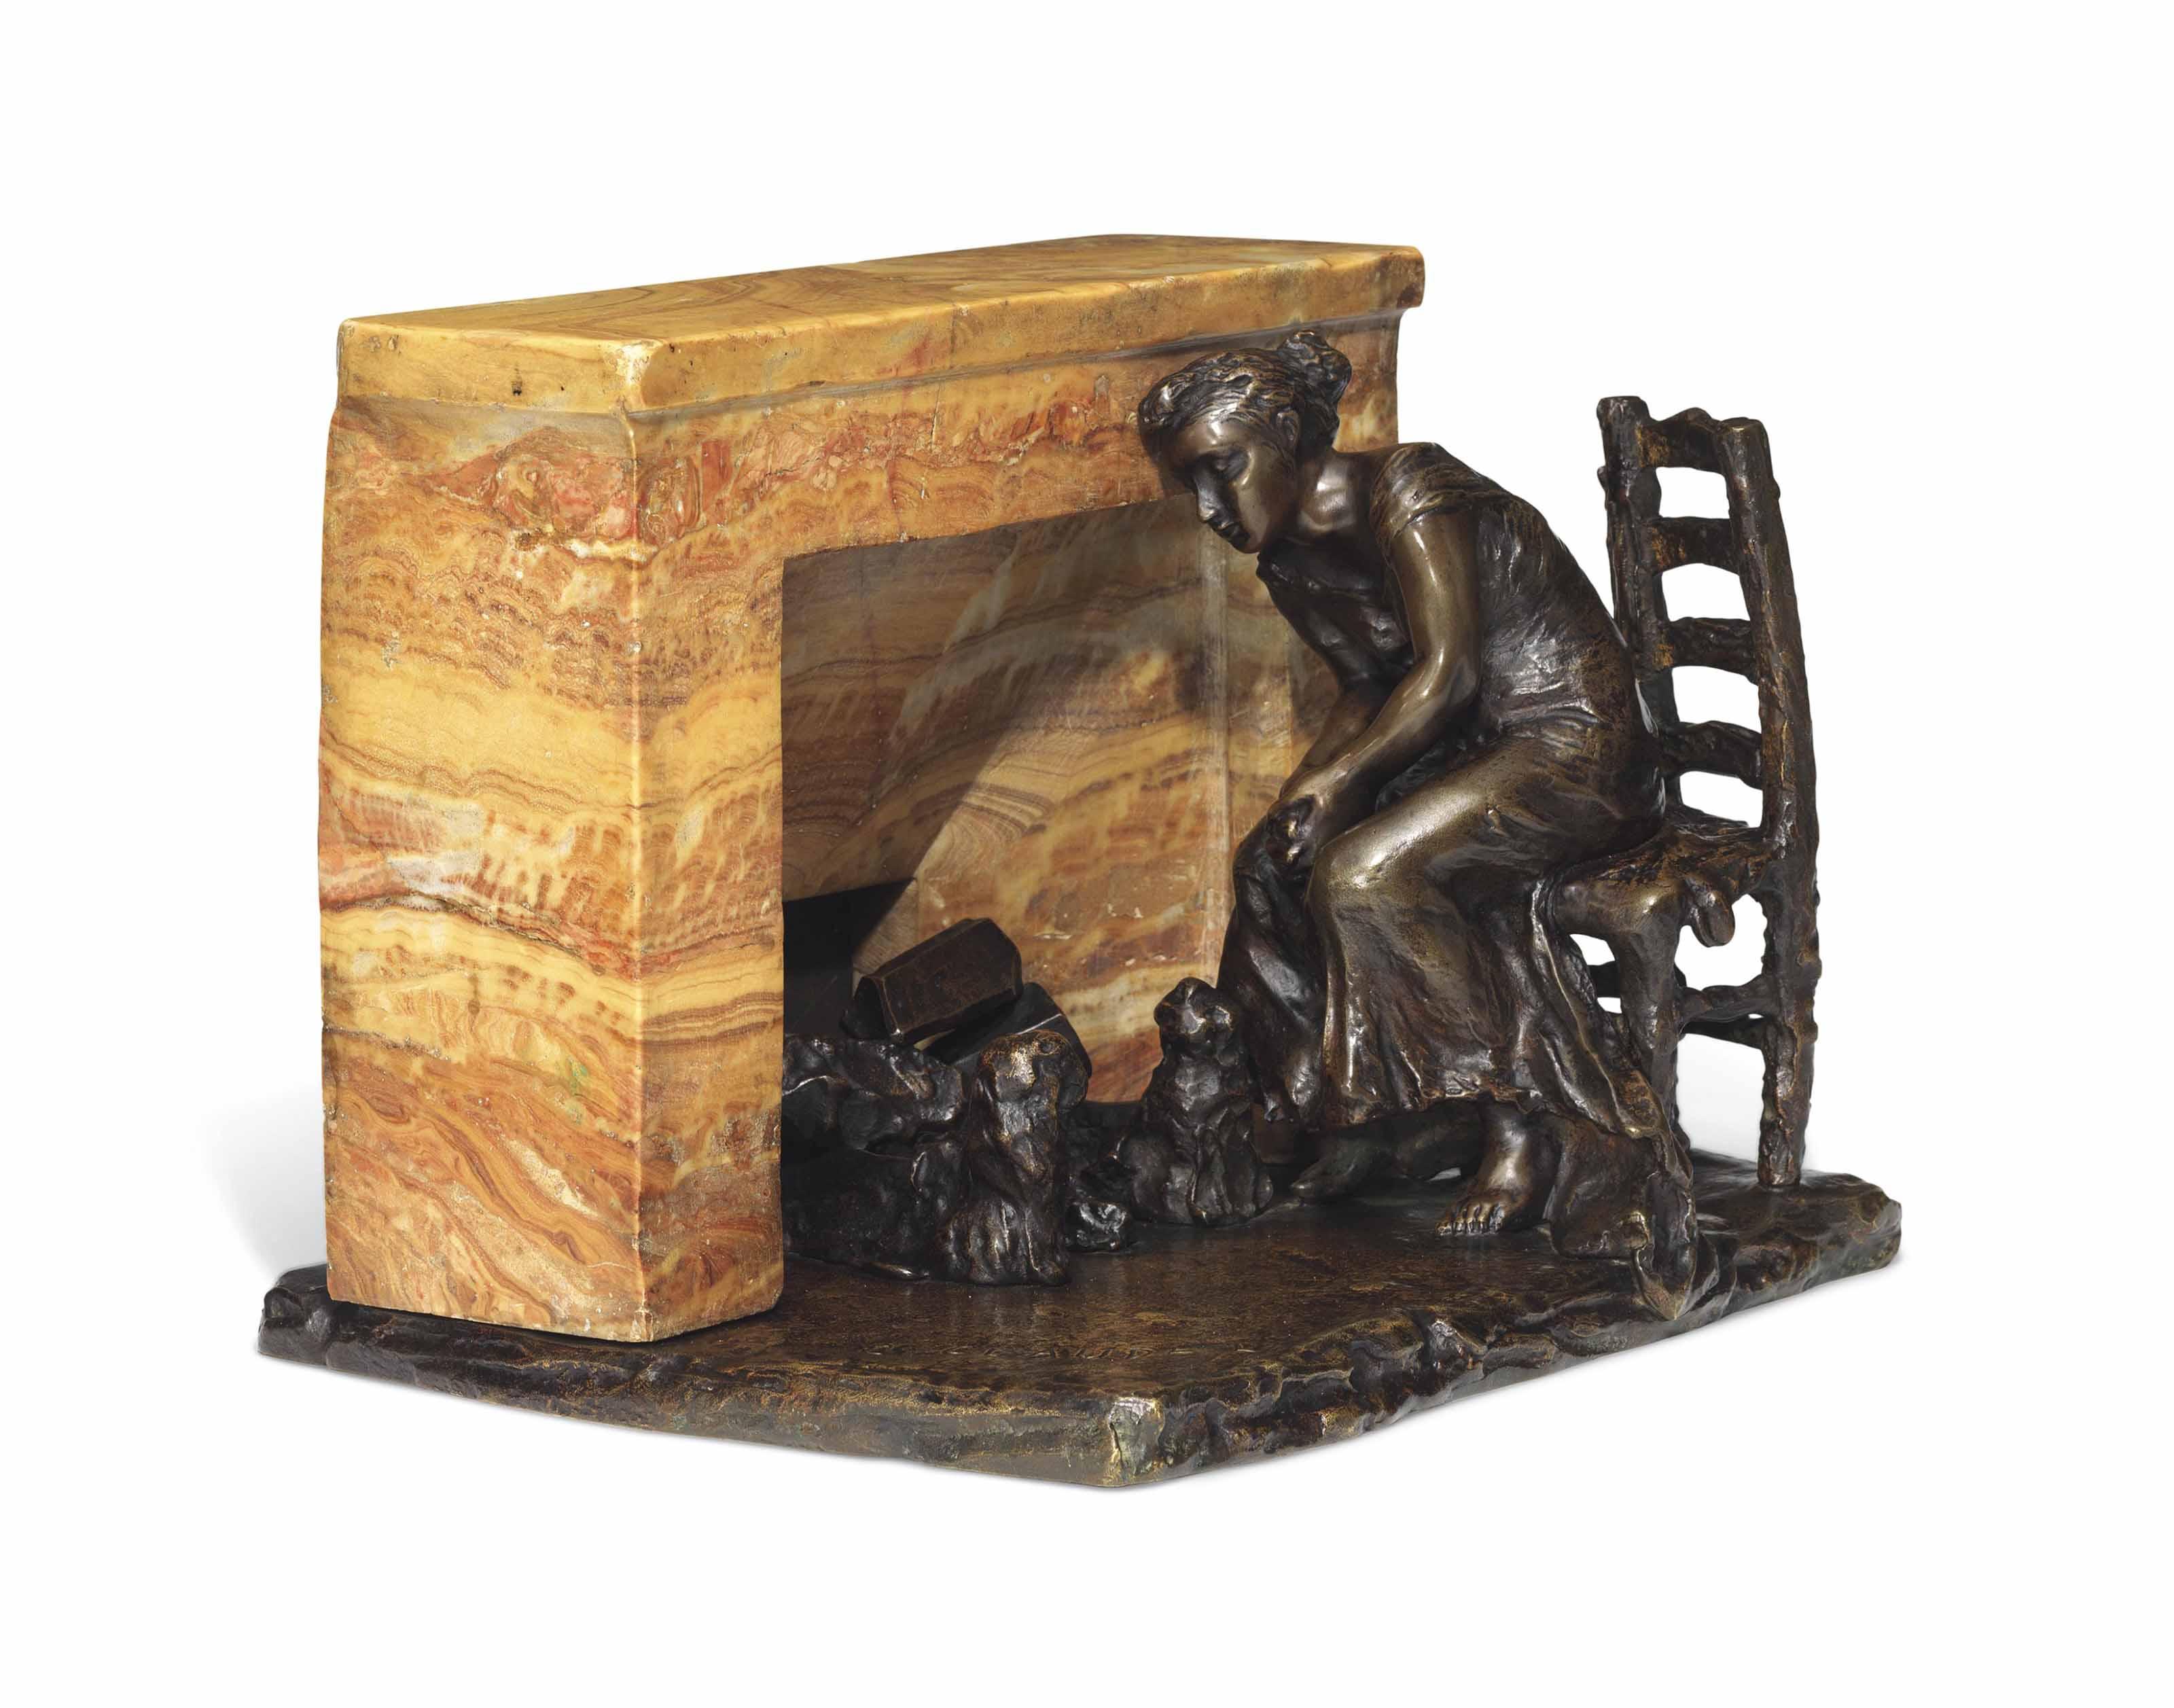 Rêve au coin du feu or Femme assise devant une cheminée